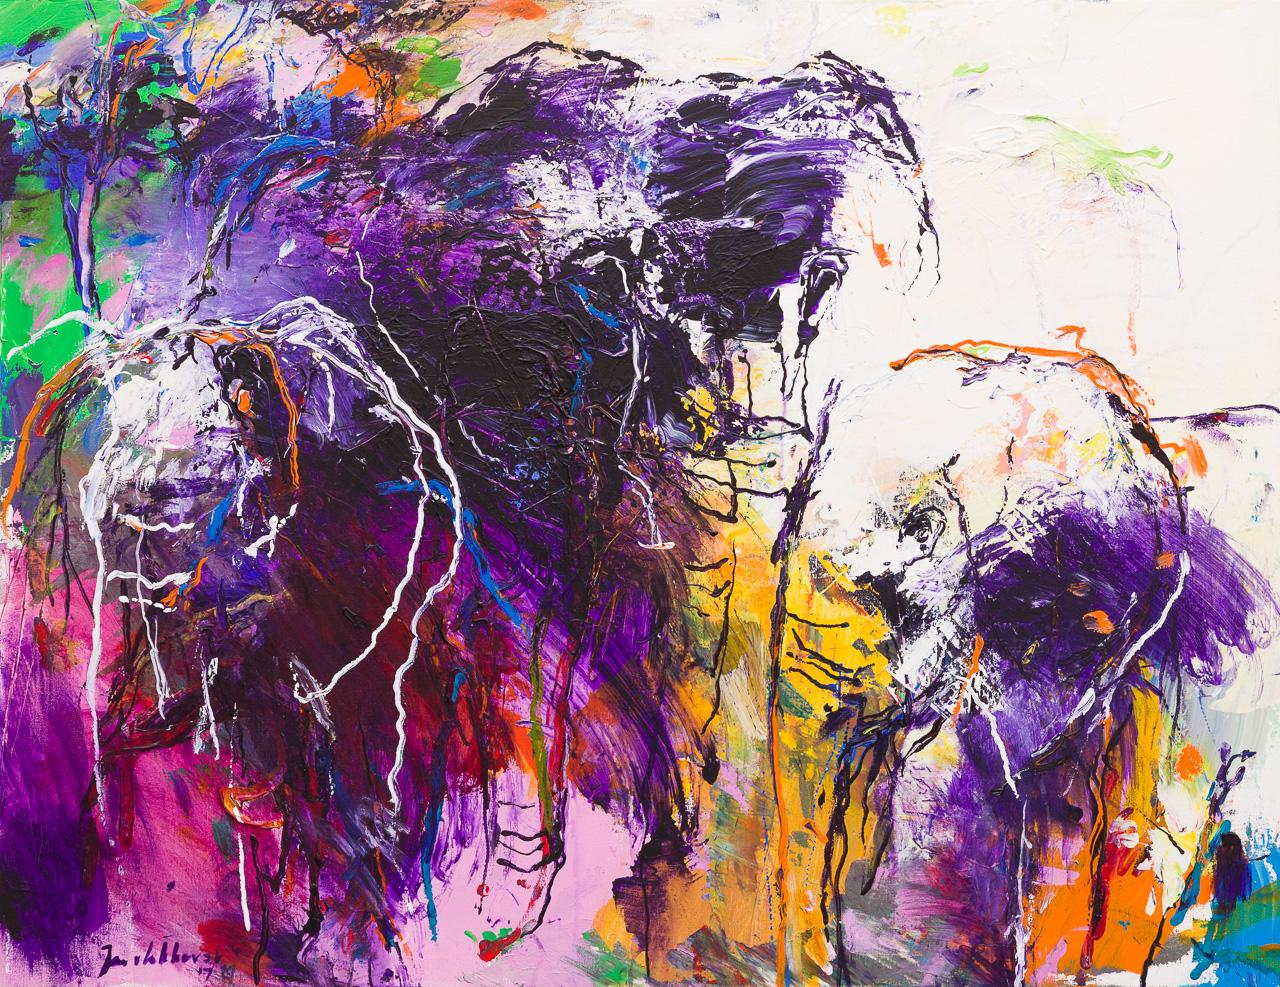 Olifanten schilderij paars wit